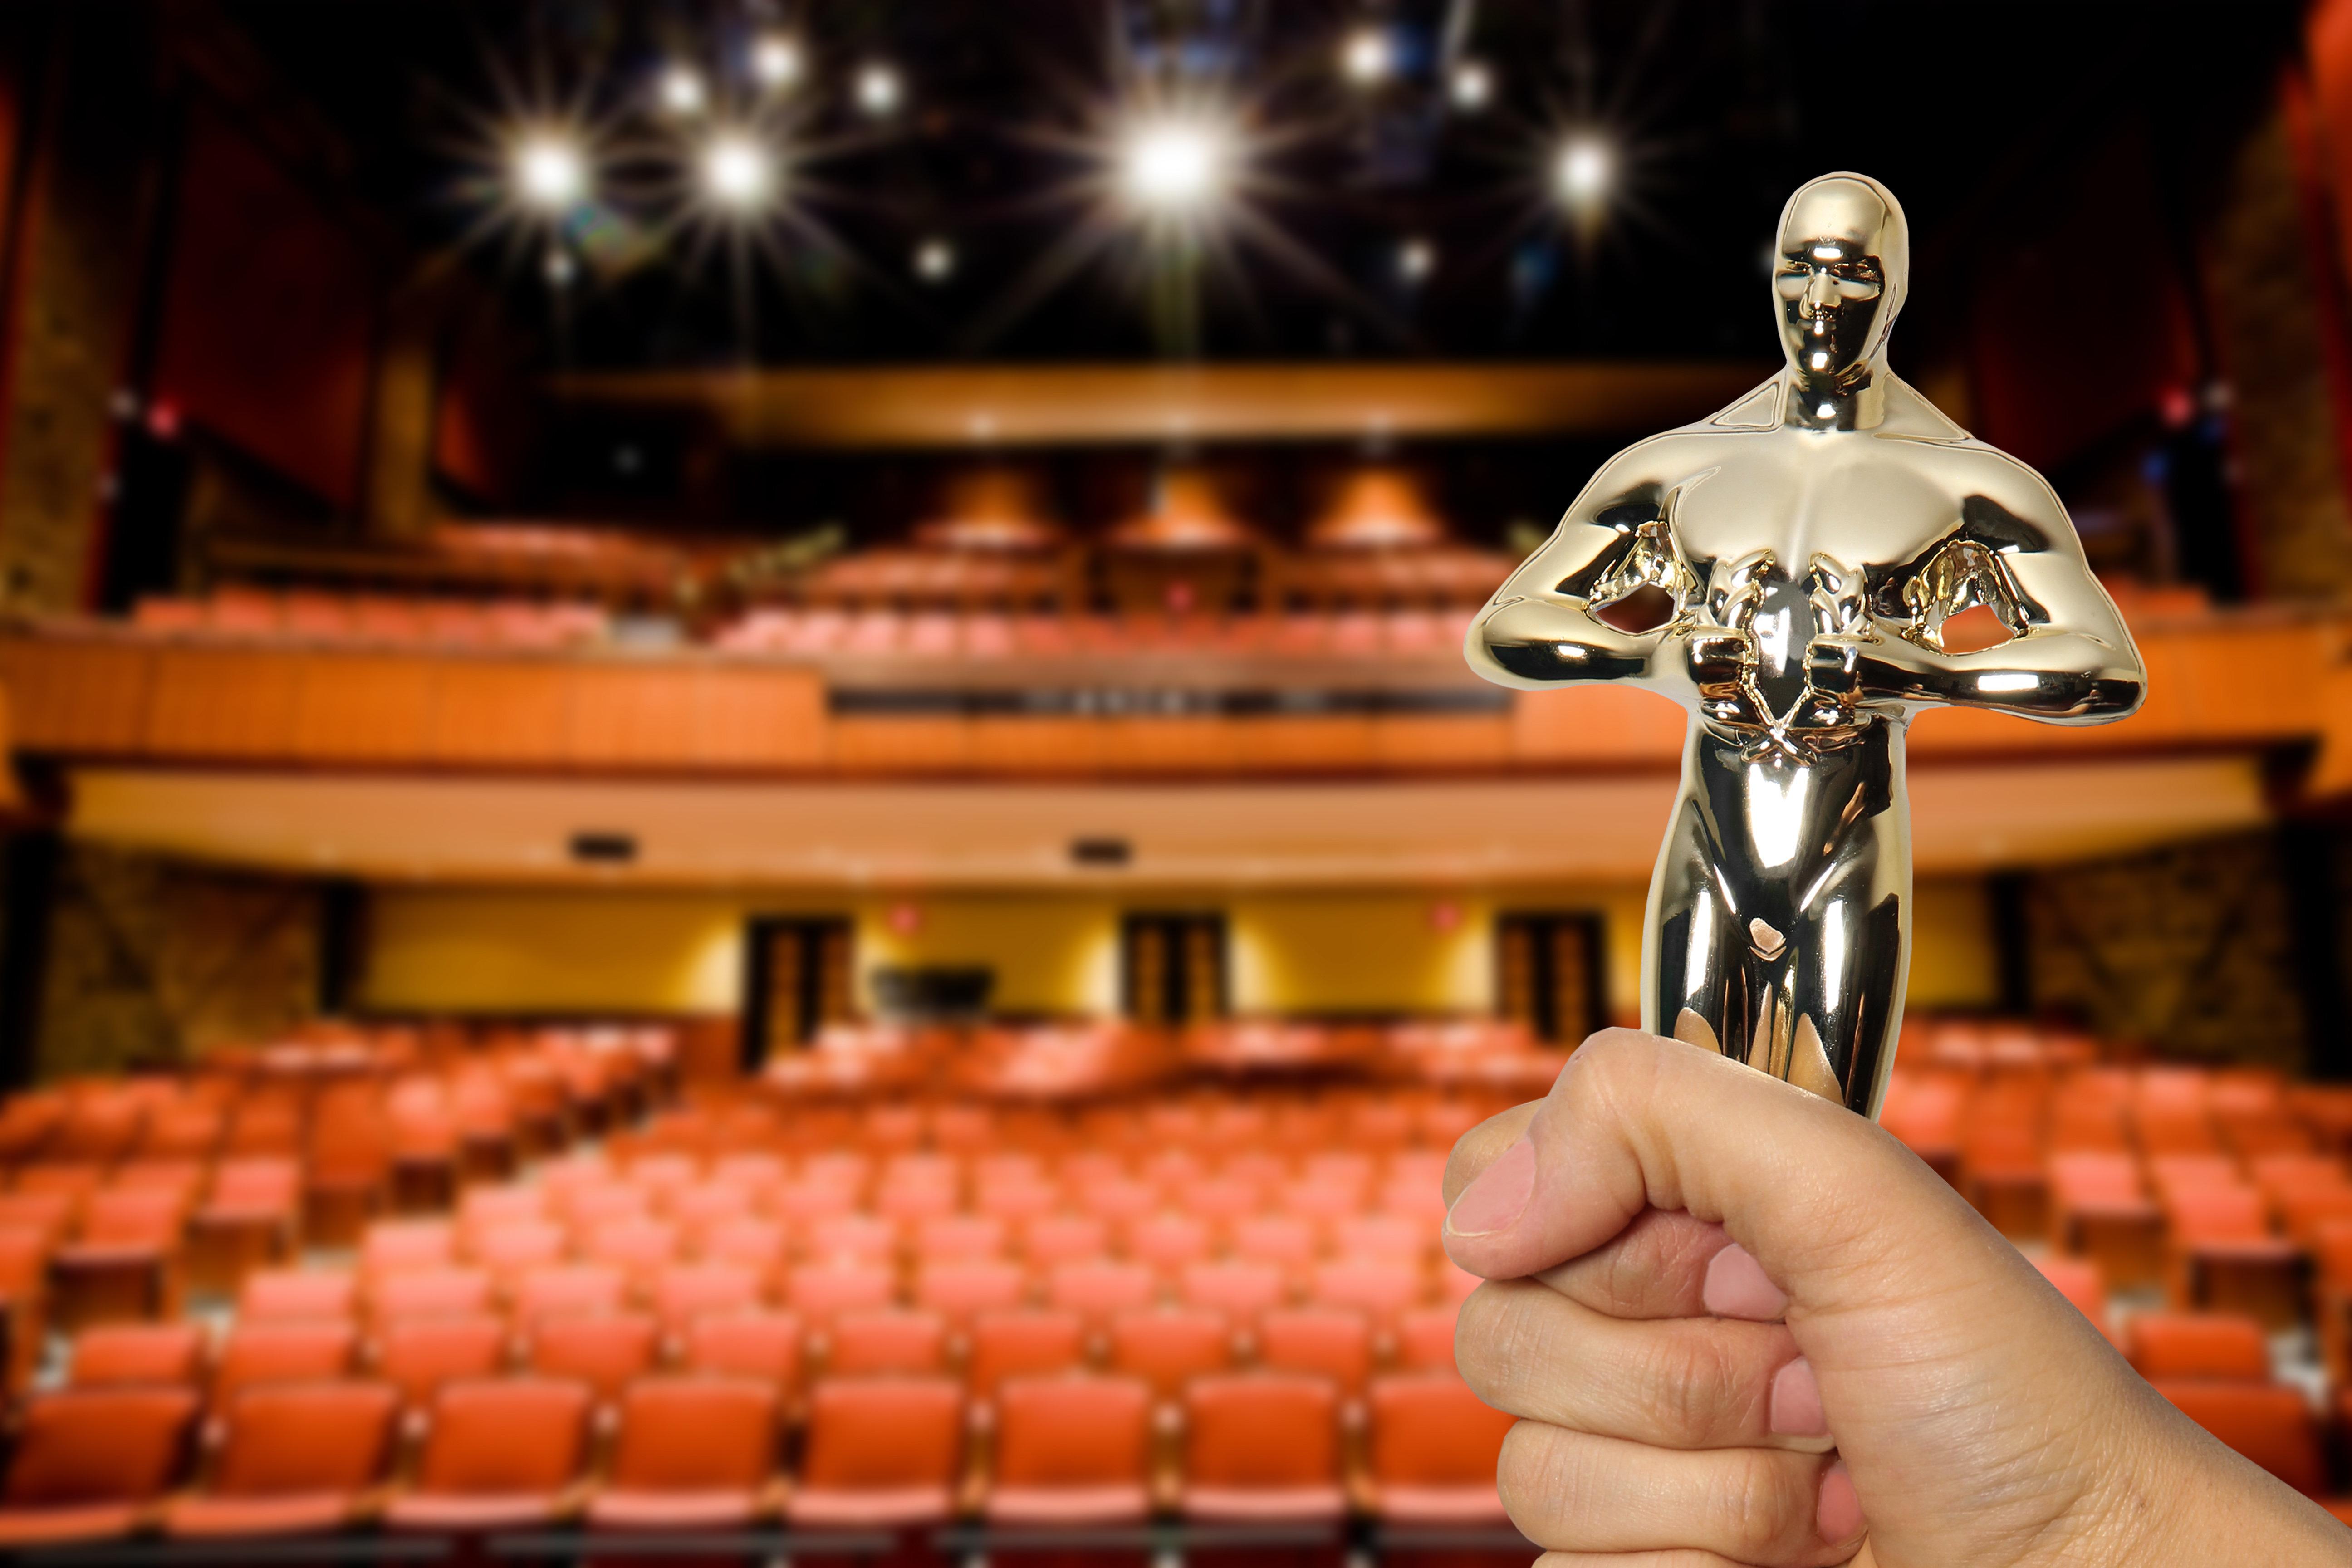 Oscar 2019 mostrará se Academia enxerga os novos tempos ou se fica agarrada ao